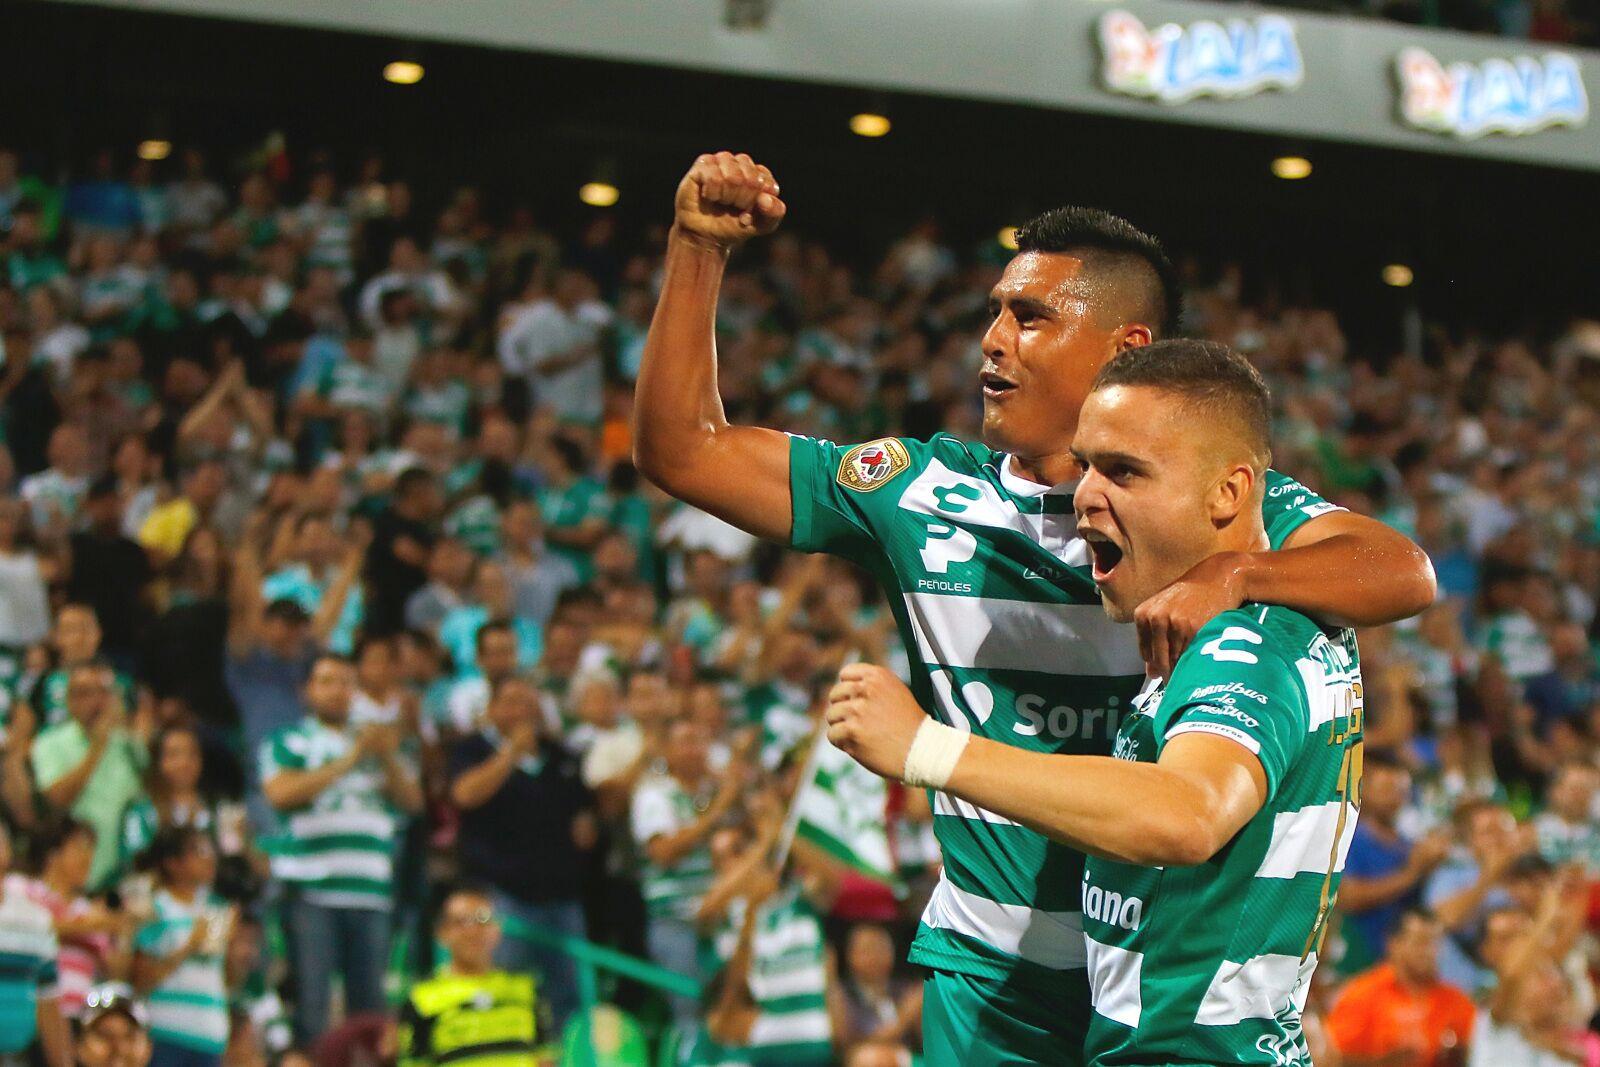 Santos displaces Cruz Azul atop Liga MX standings